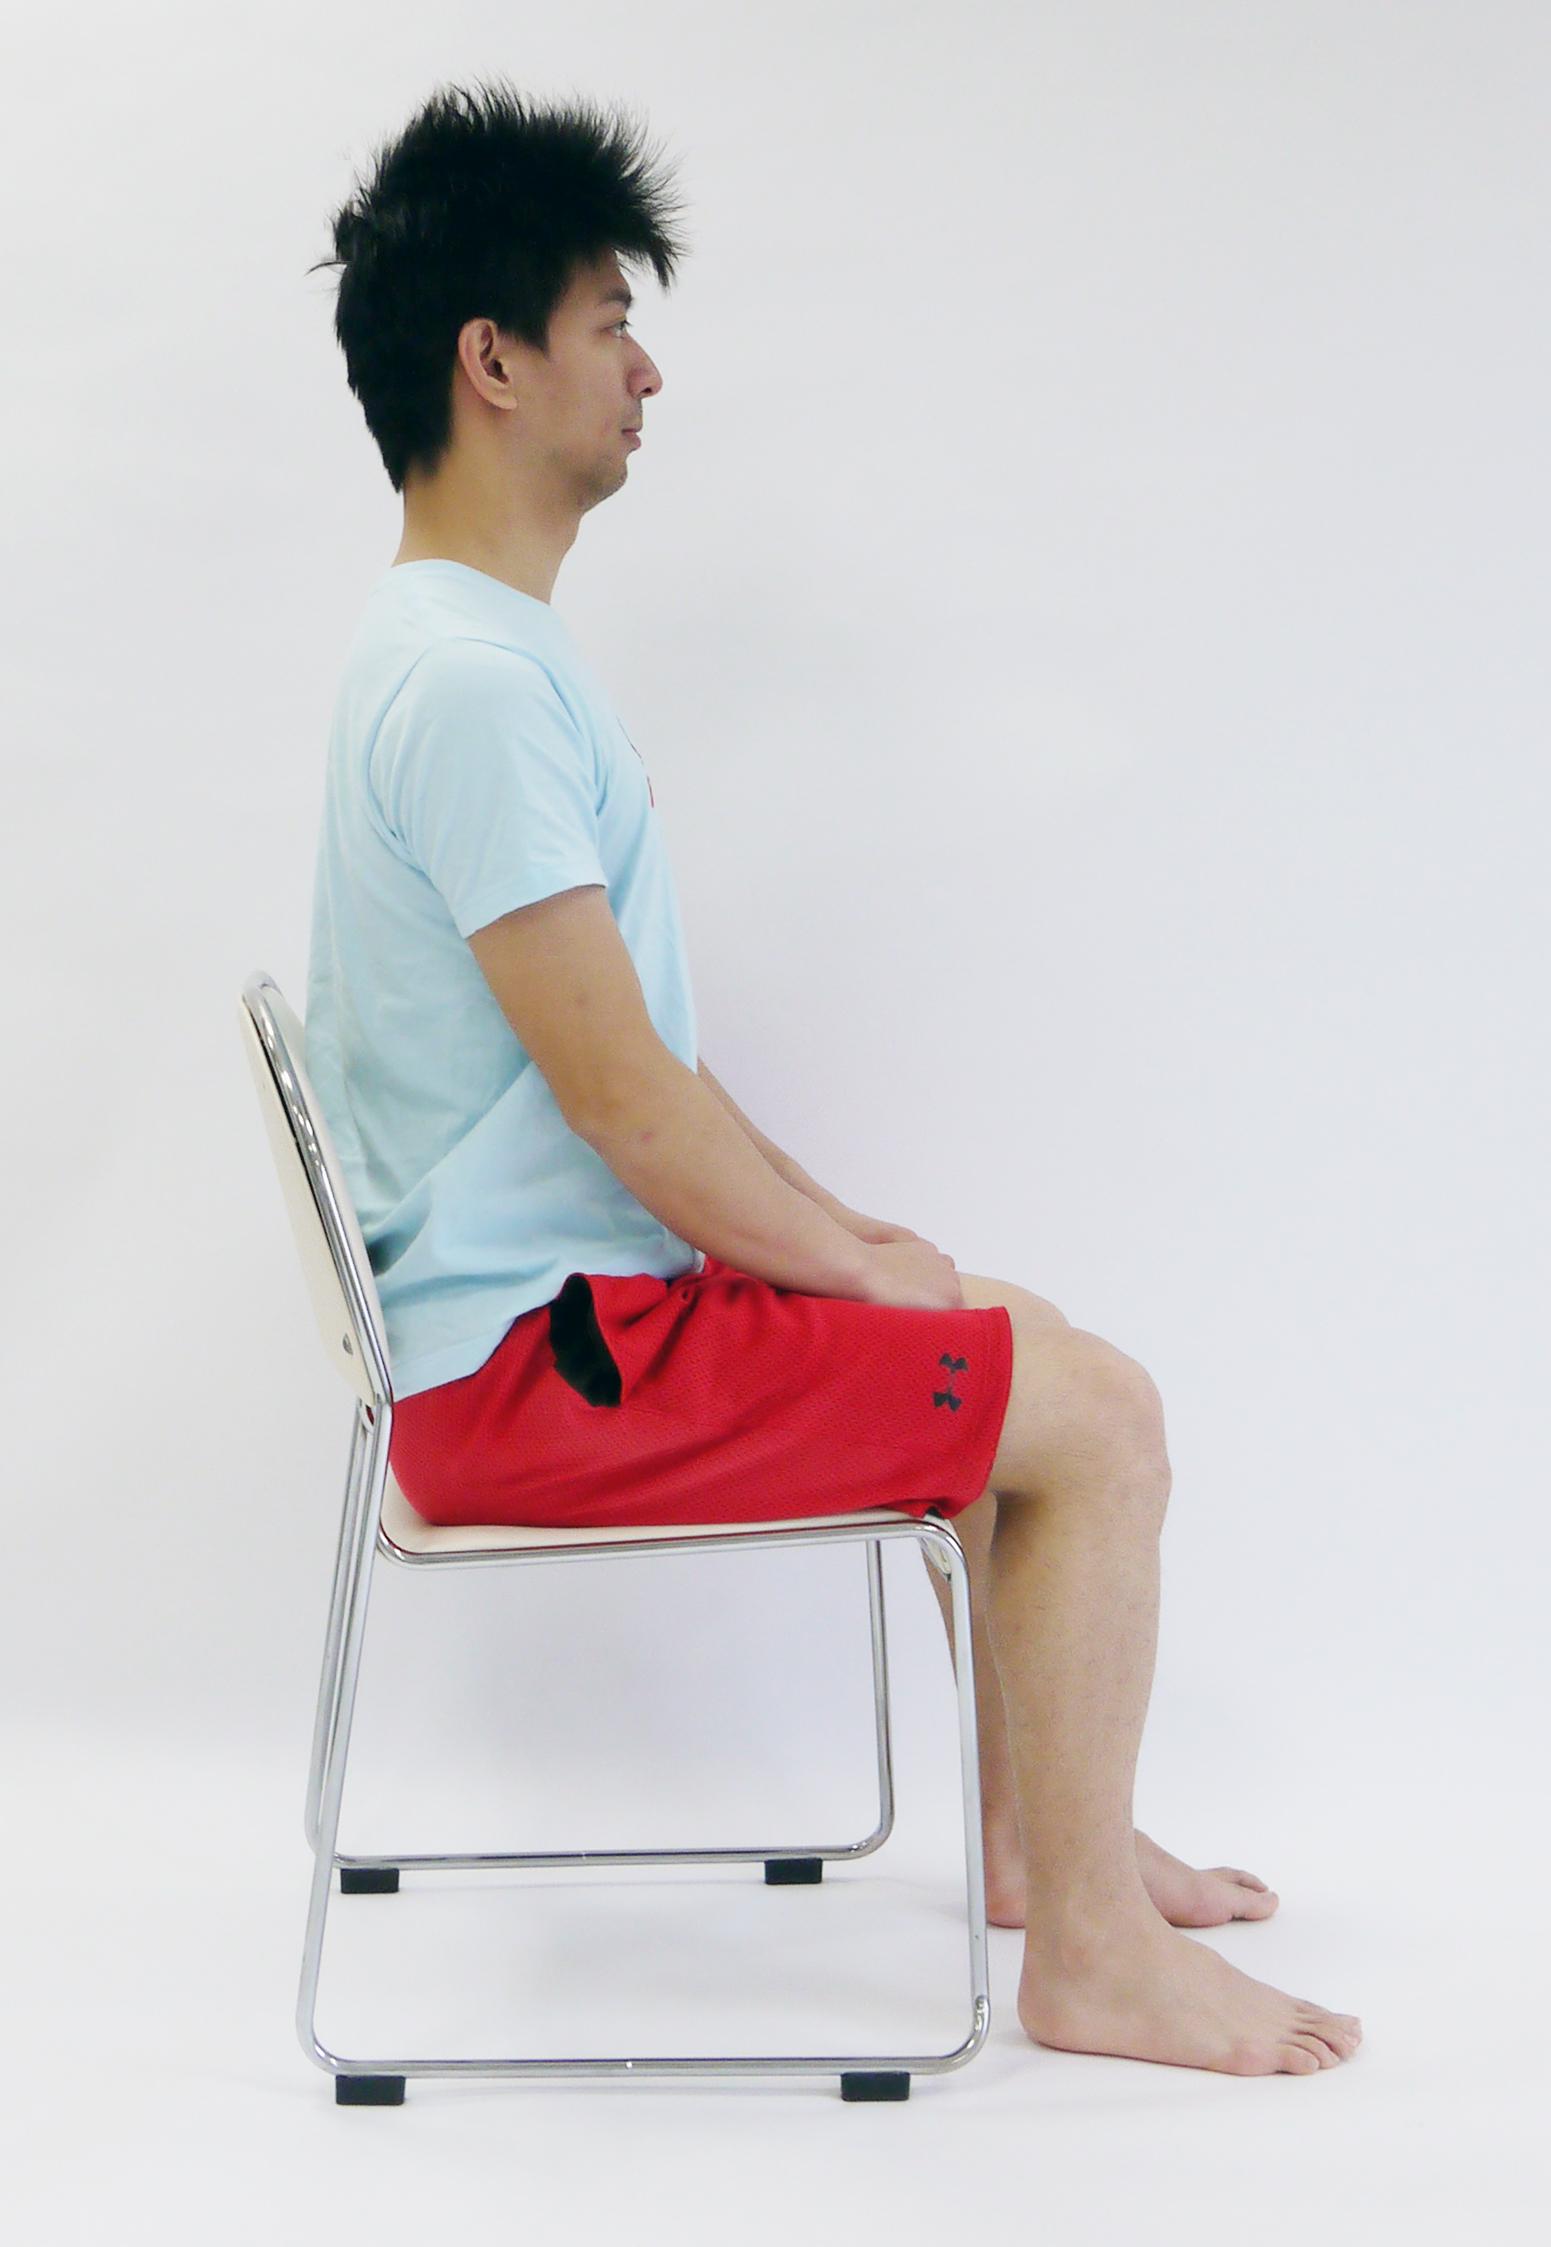 膝の抱え込み運動2